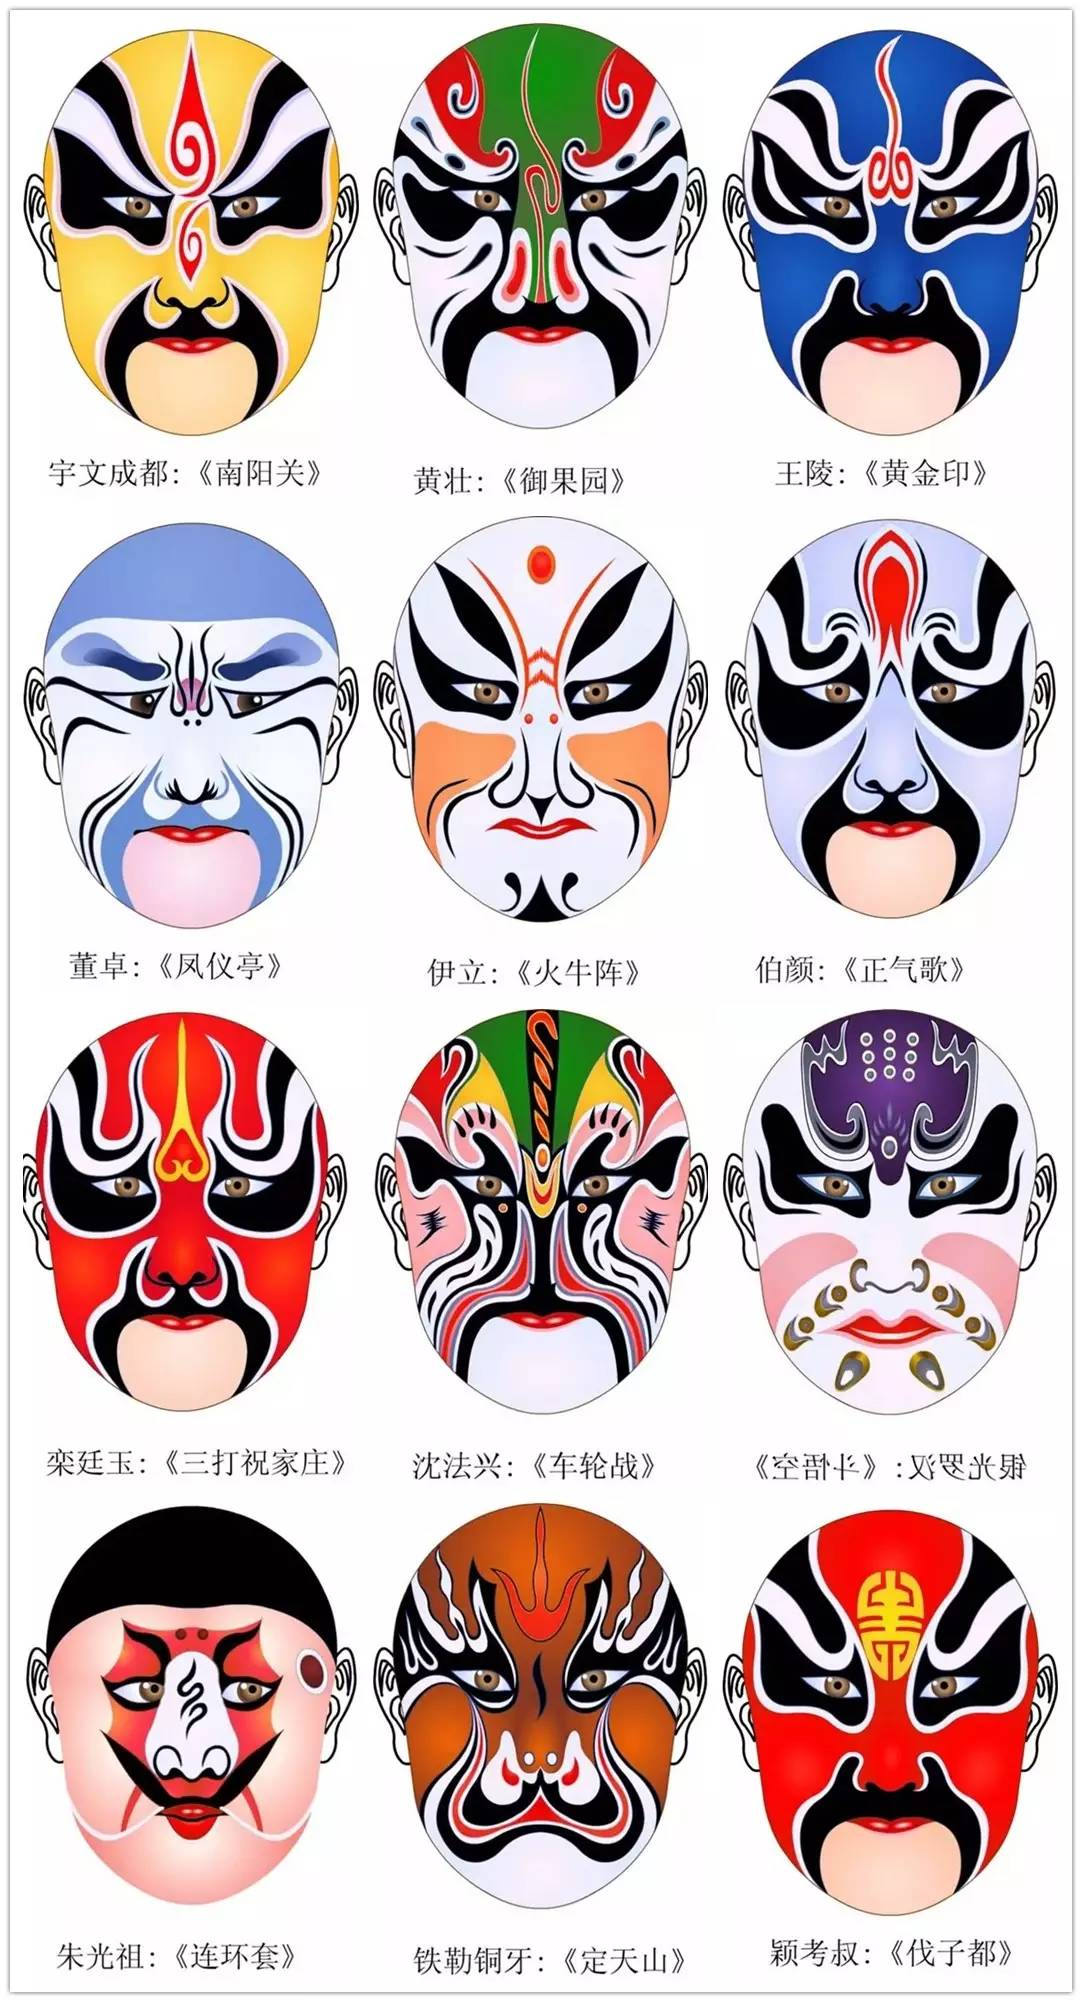 史上最全的317款京剧人物脸谱合集,国粹华韵!